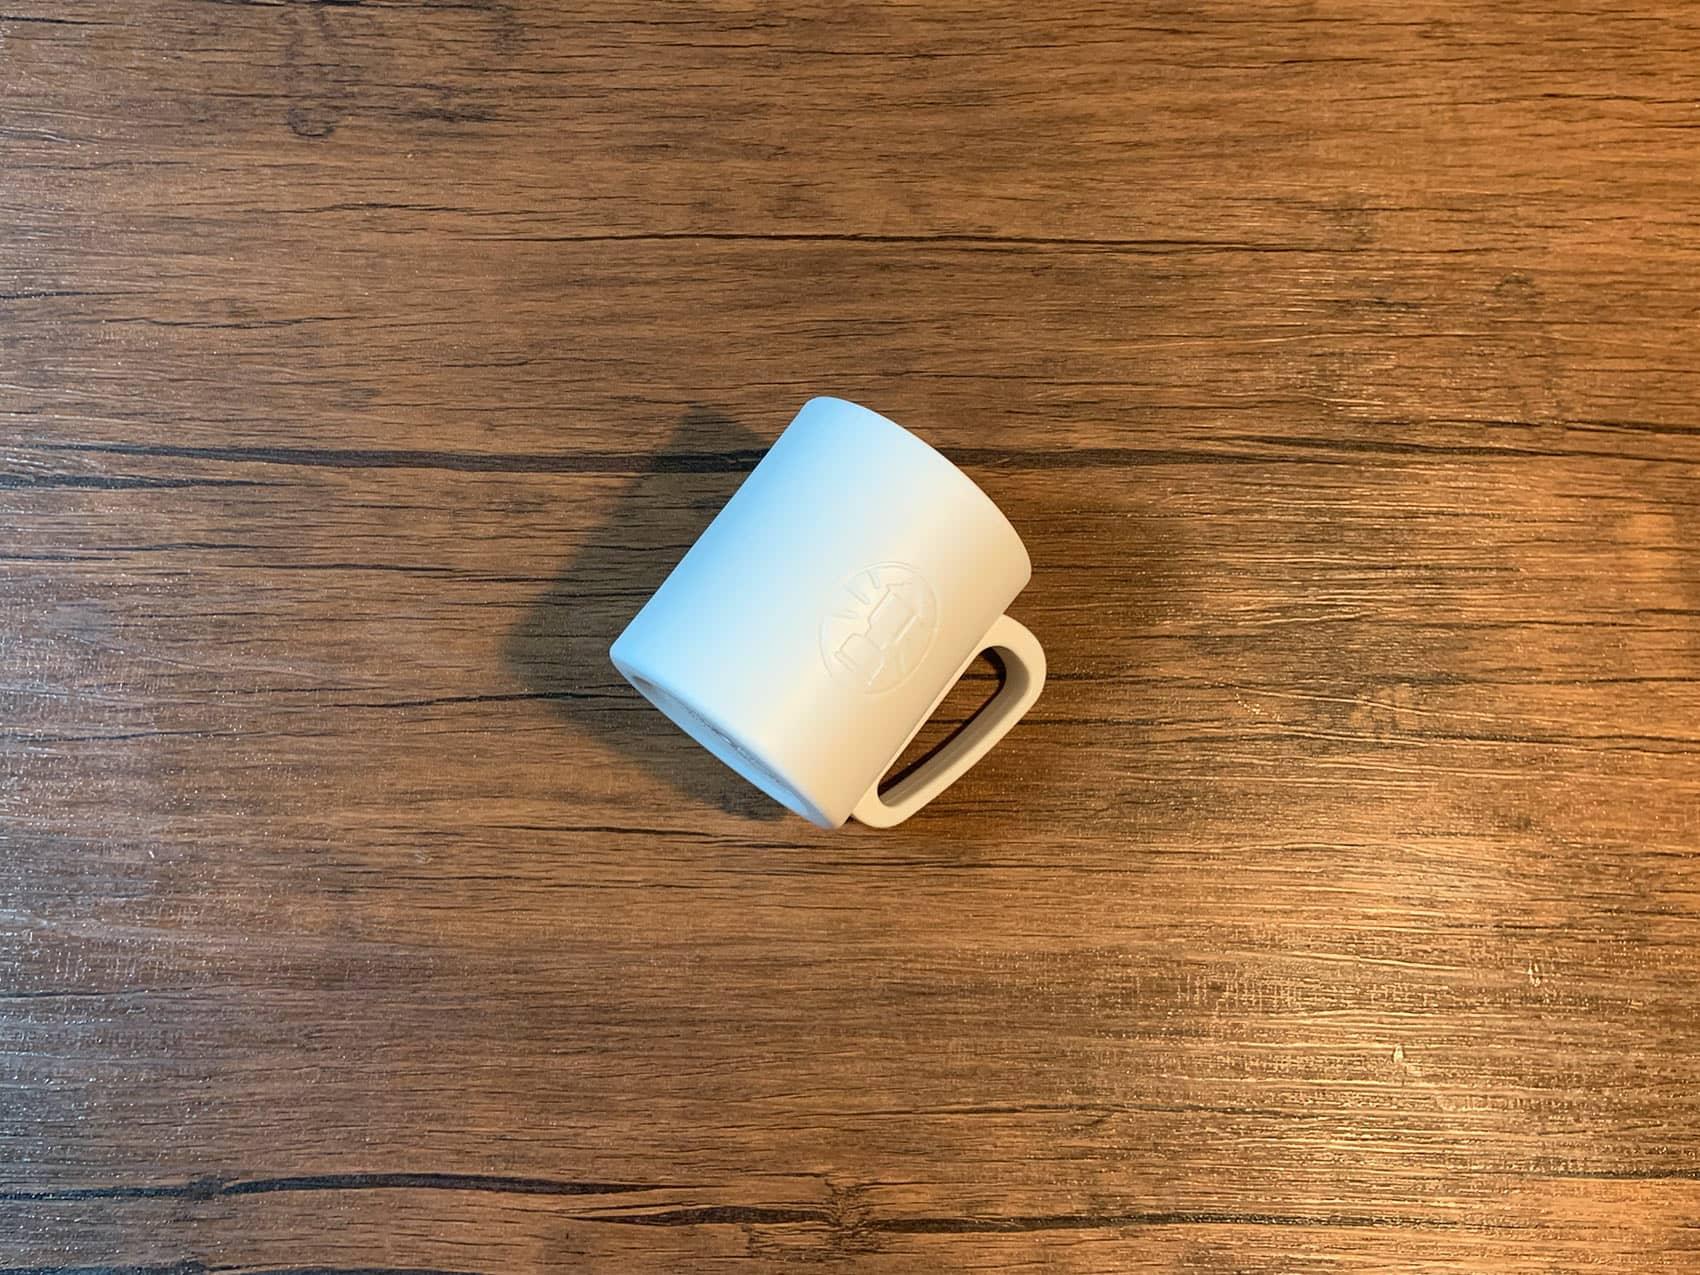 マクドナルドの福袋2021のマグカップ